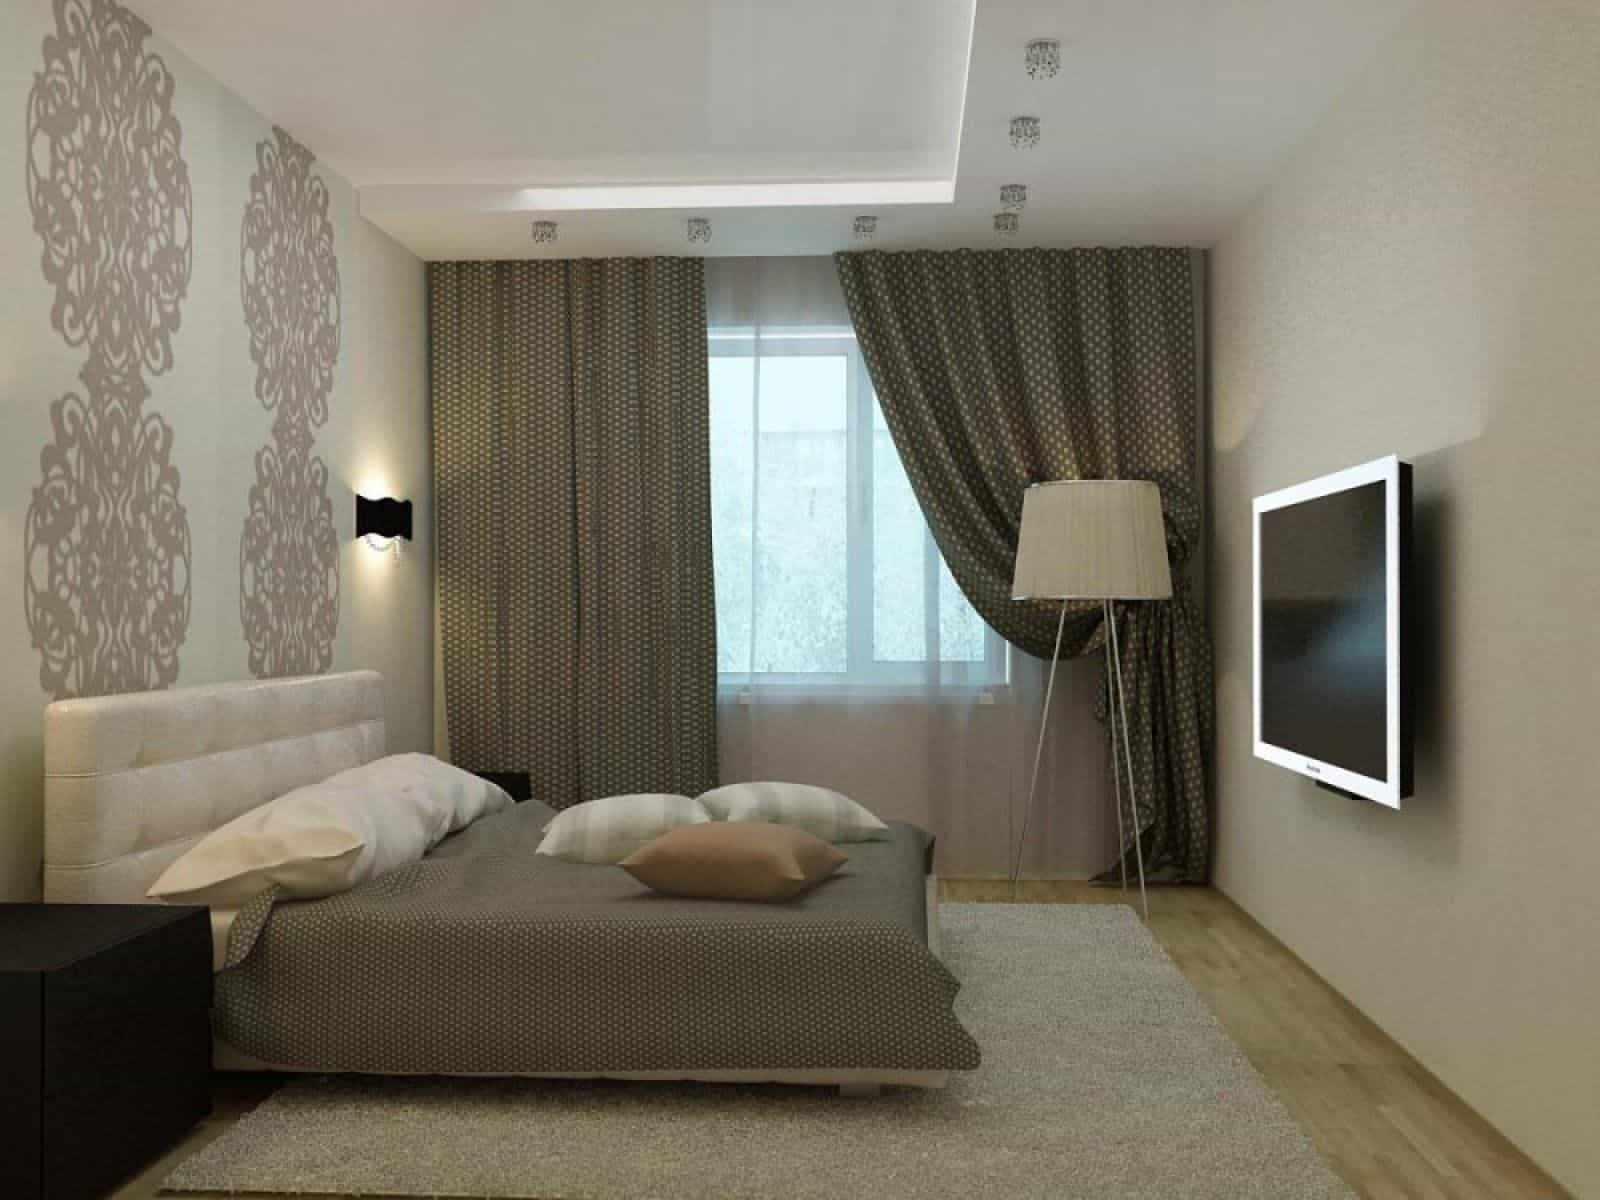 Точечные светильники на потолке и бра на стене в спальне